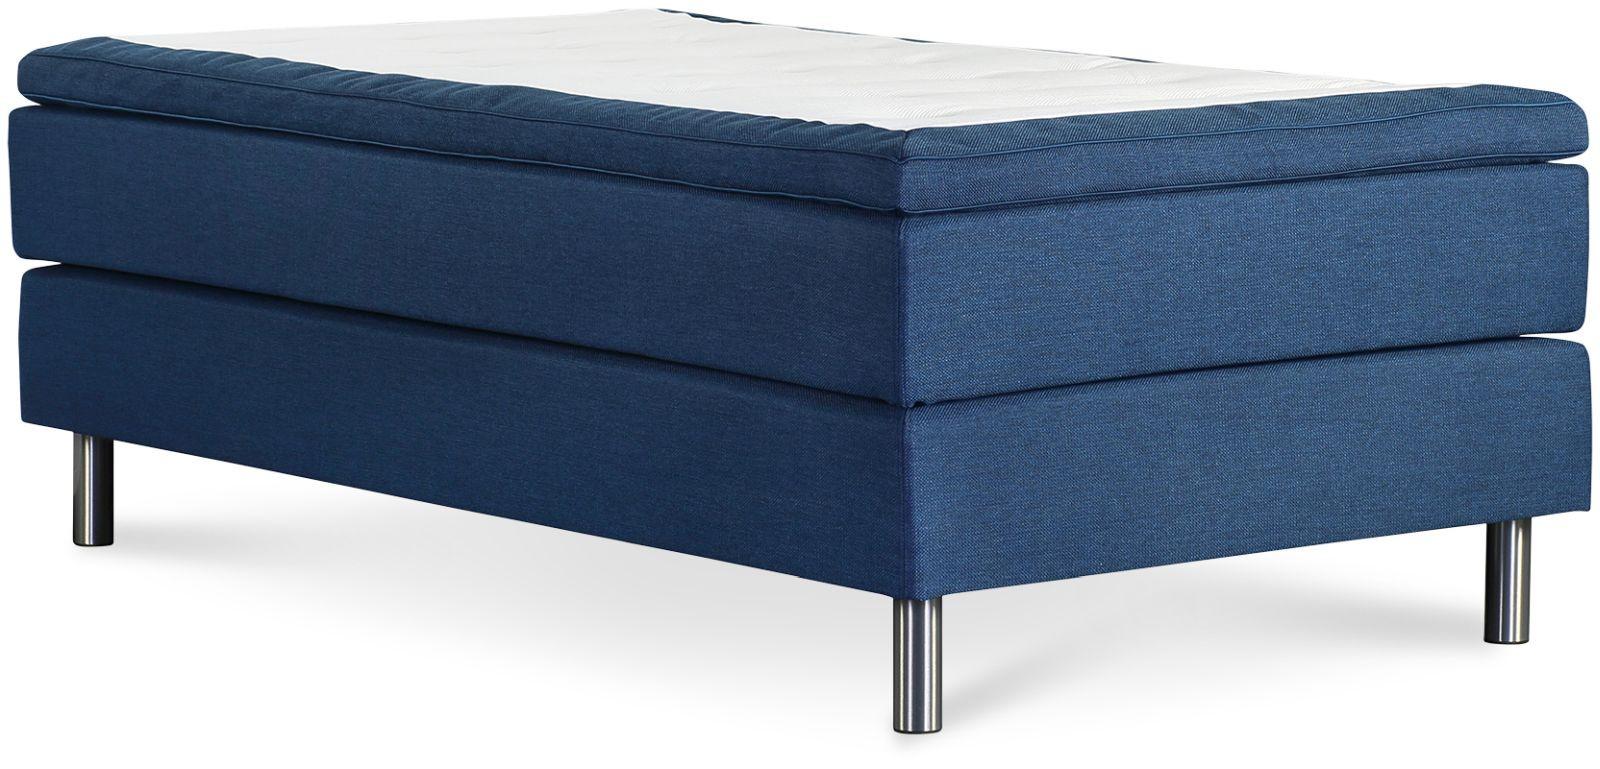 Łóżko Iceland 140x200 (niebieski)